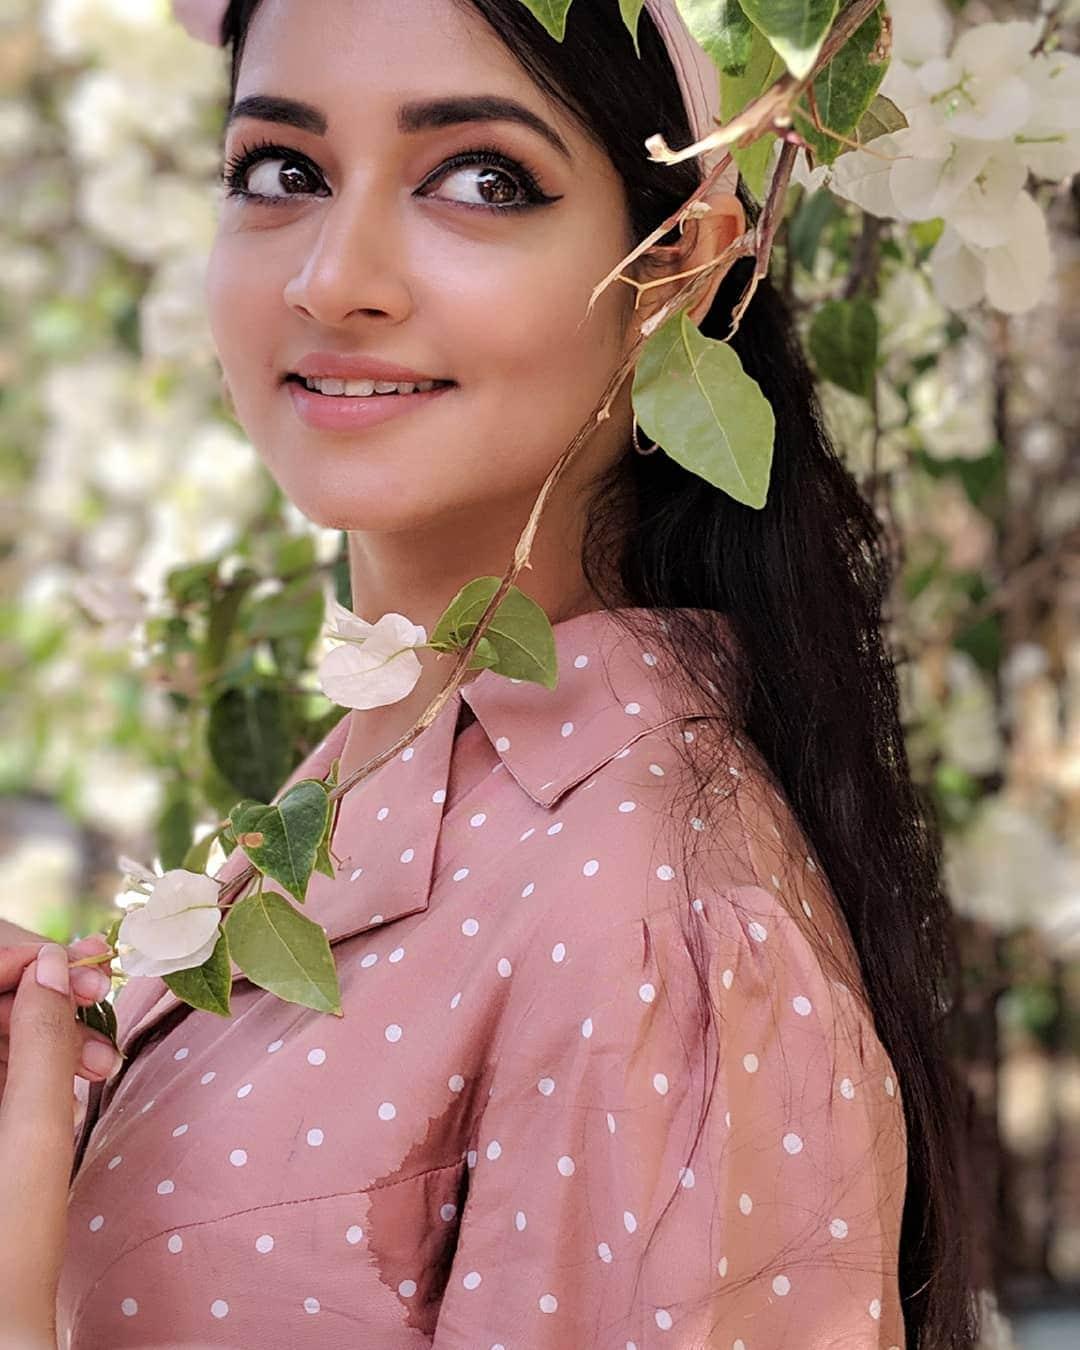 శాన్వి శ్రీవాత్సవ ఫొటోస్ (Credit - Insta - shanvisri)